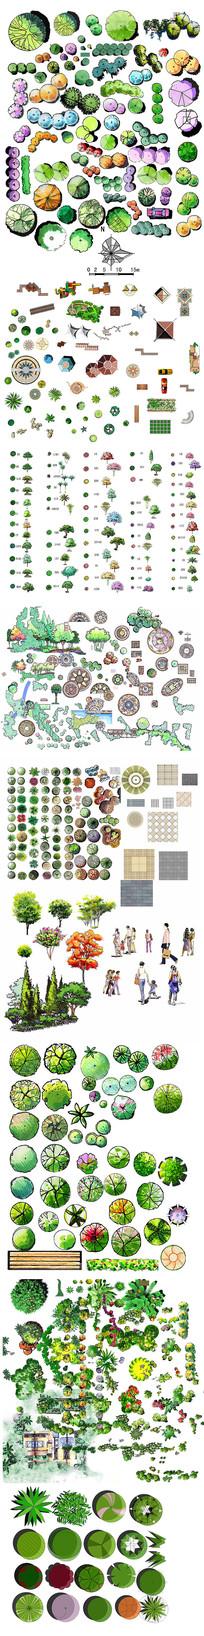 植物手绘平面图